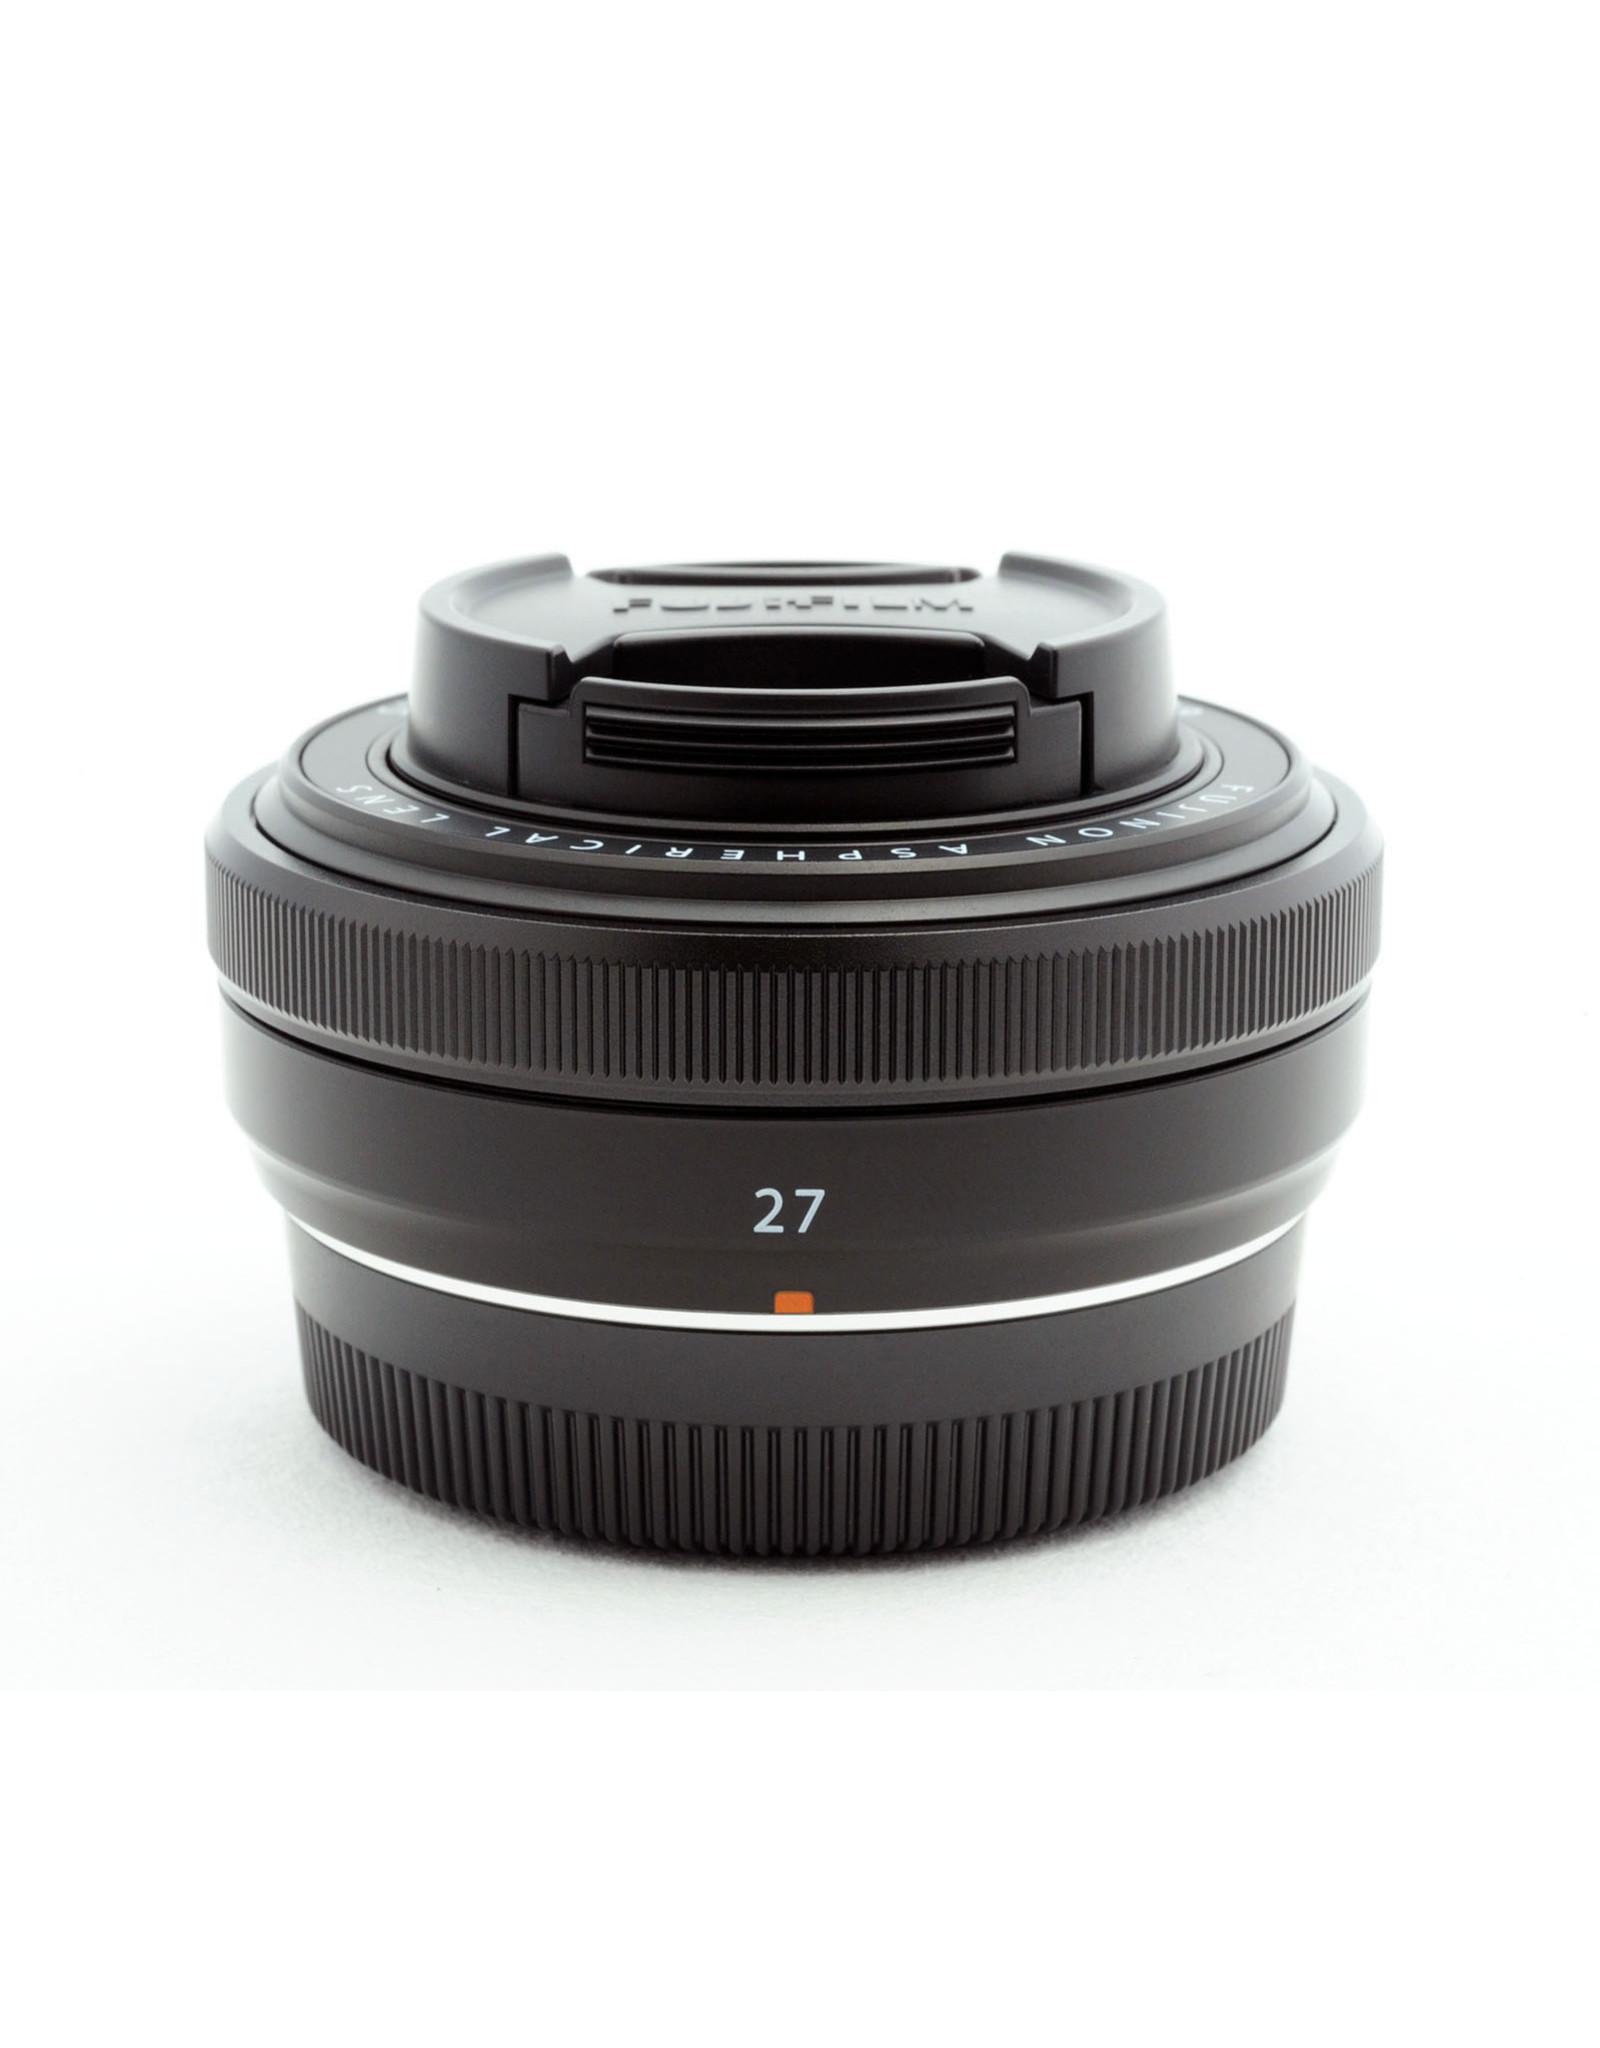 Fujifilm Fujifilm XF27mm f2.8 Black 16537689